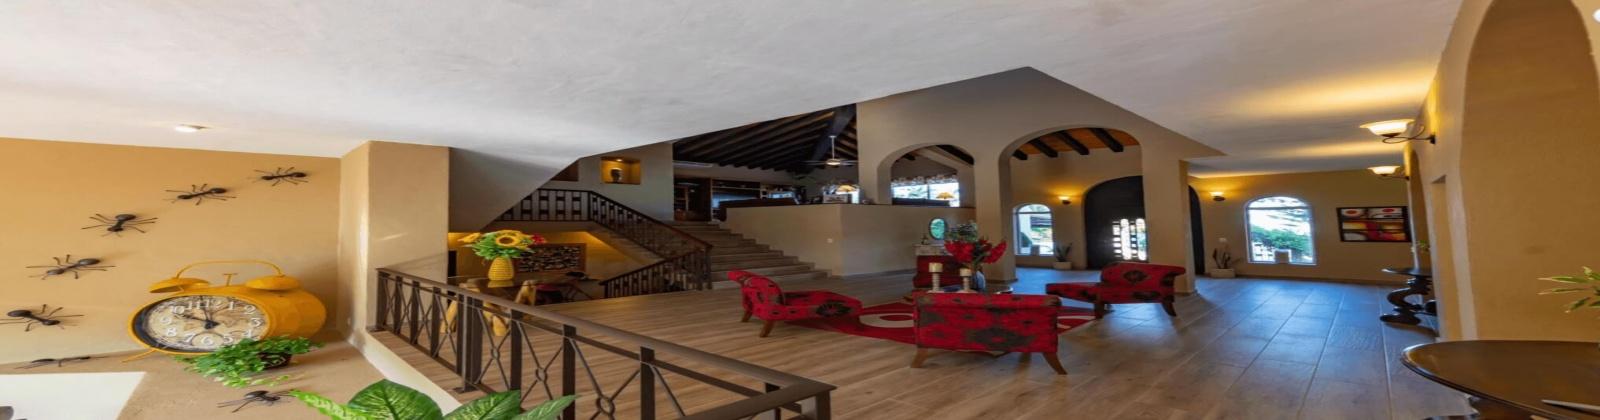 34 Calle Gaviotas, Puerto Vallarta, 5 Bedrooms Bedrooms, ,6 BathroomsBathrooms,Villa,For Sale,Calle Gaviotas,1000